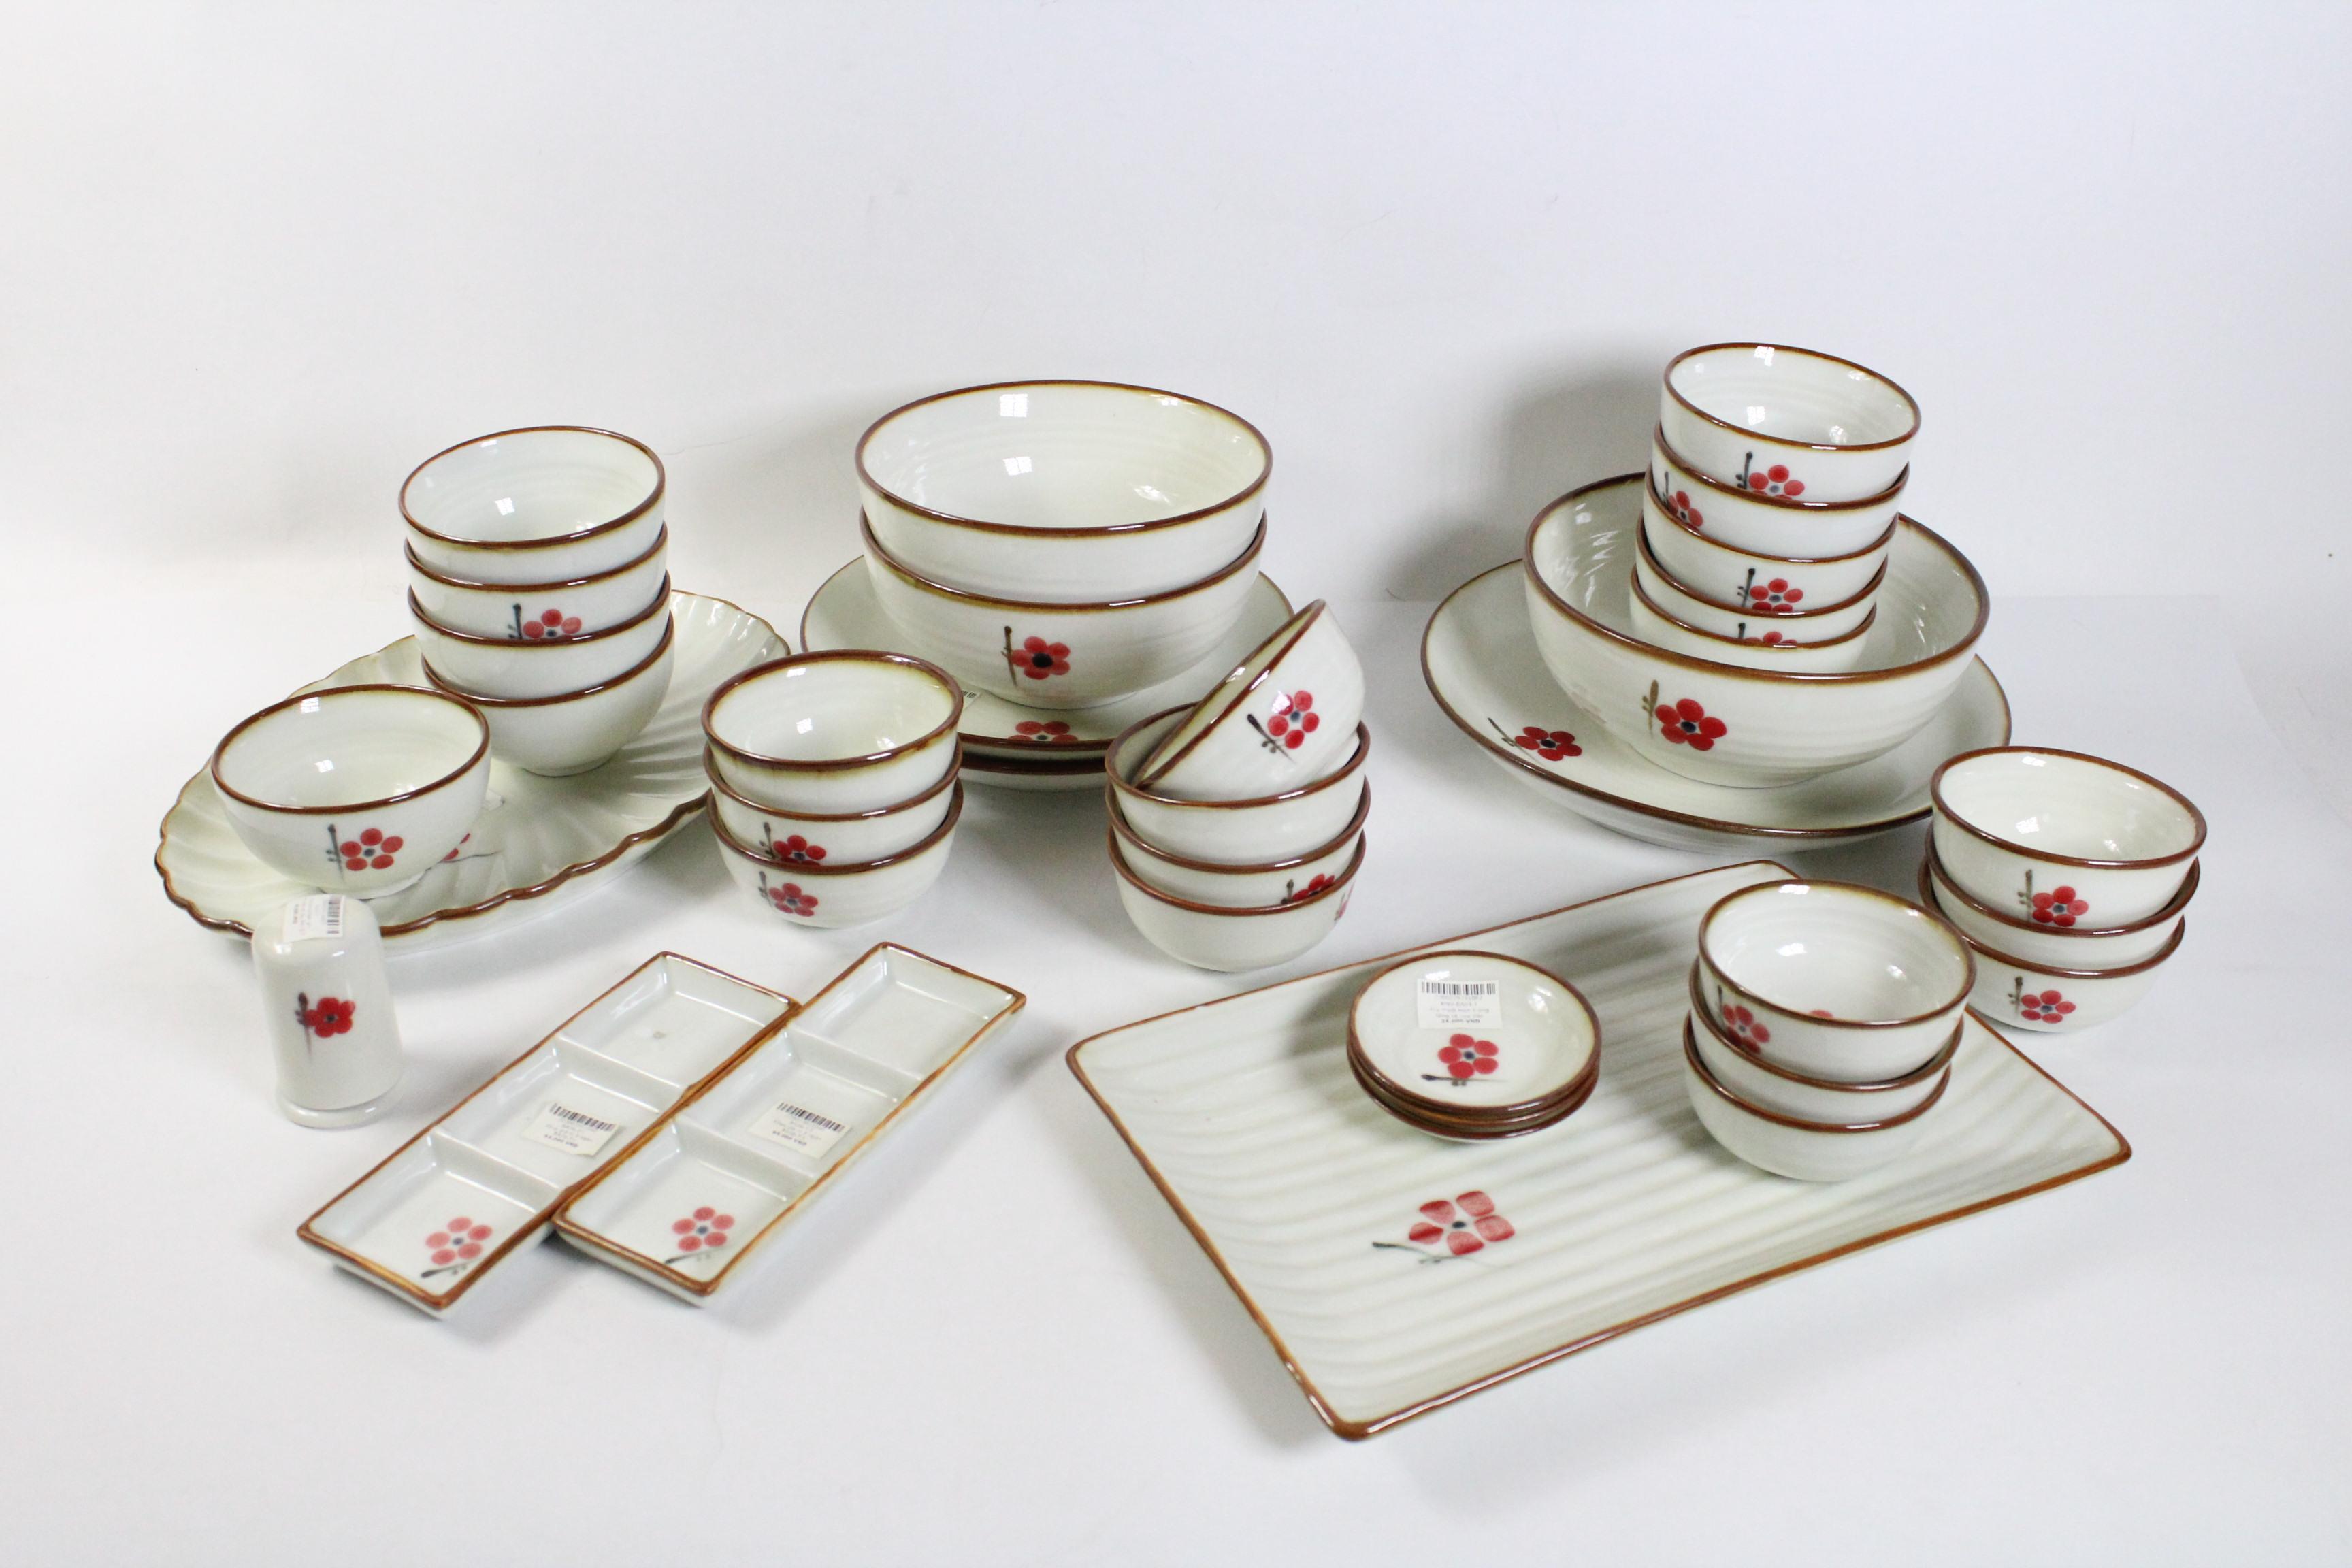 Bộ chén dĩa bàn ăn men kem vẽ hoa đào đỏ 10 người - đặc biệt BBA35-7